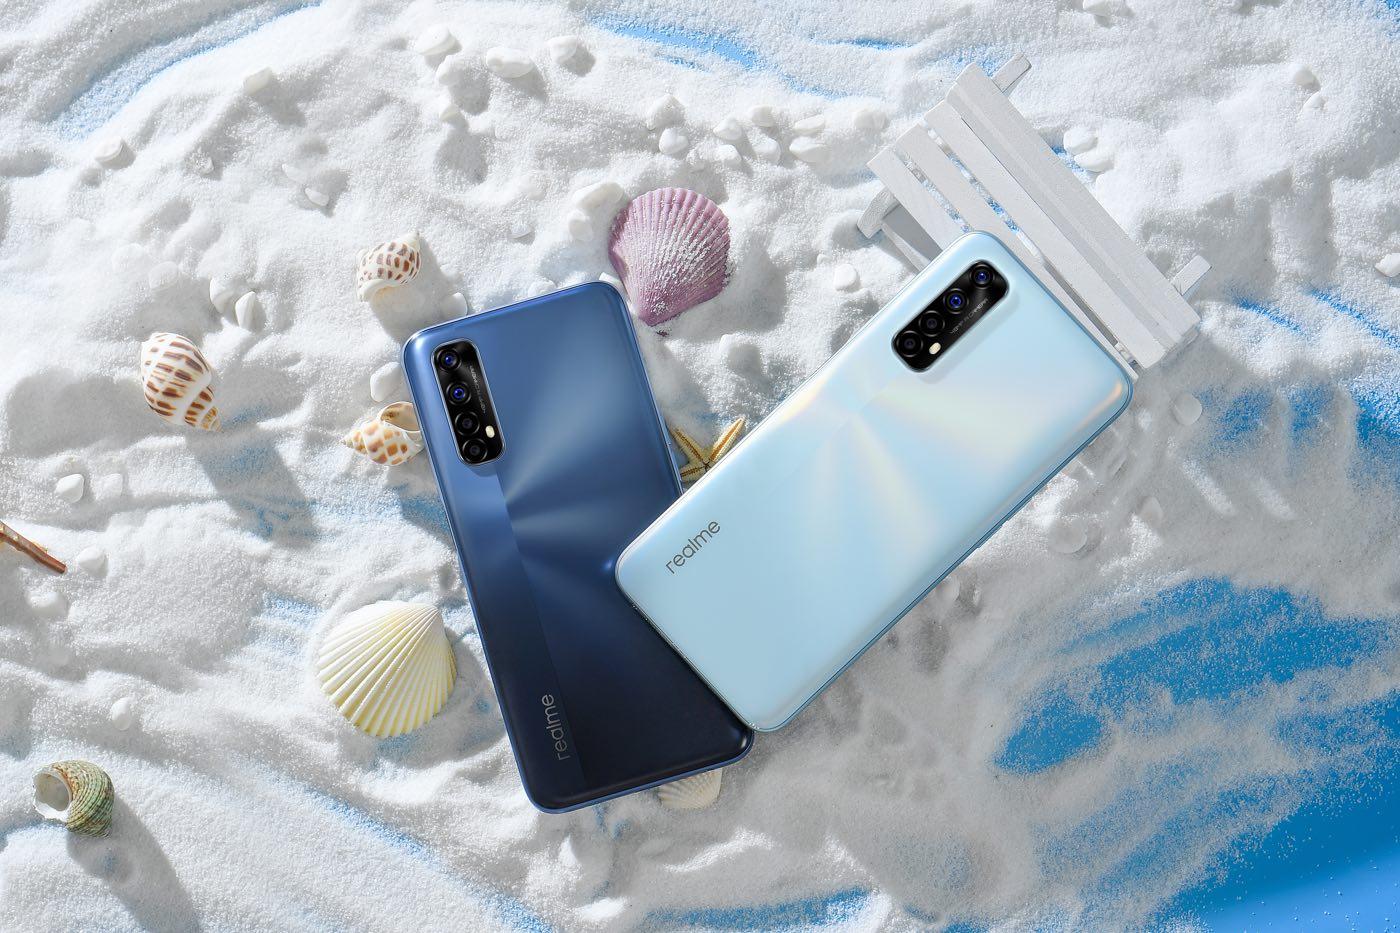 Découvrez les nouveaux smartphones de la série 7 — Realme